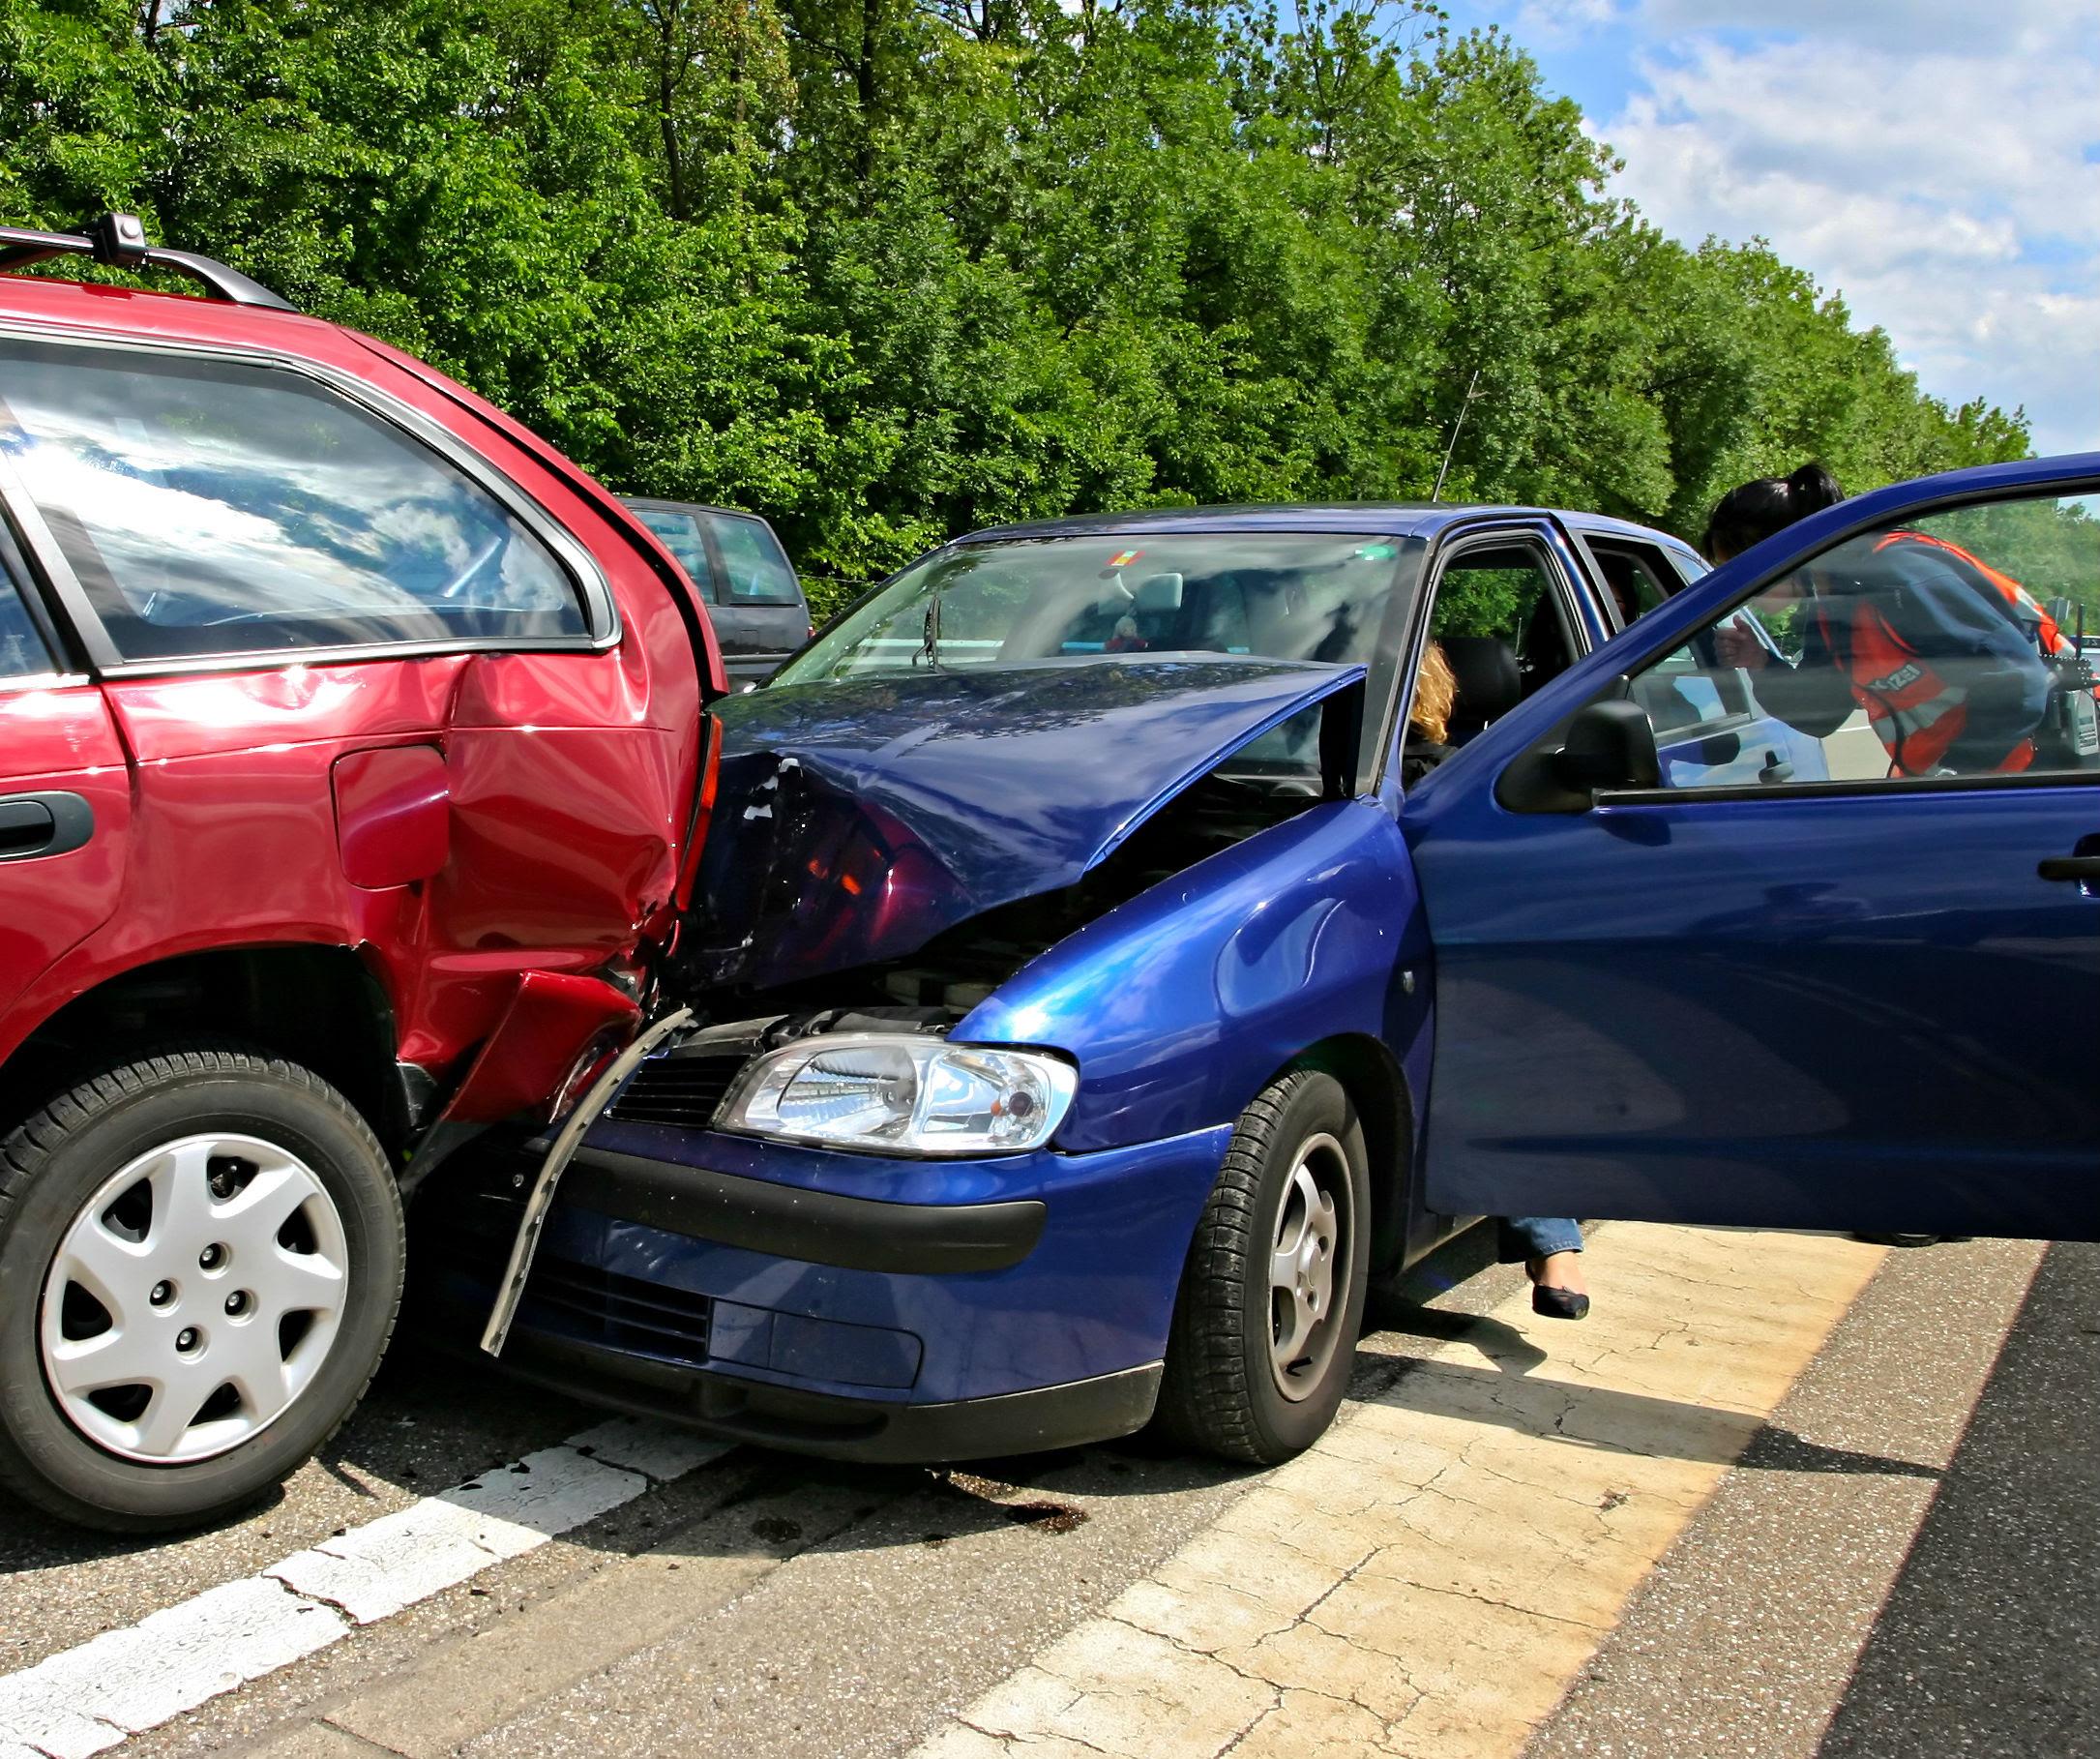 Abogados De FL Abogados De Florida  Accidentes Vehiculares & Automovilísticos